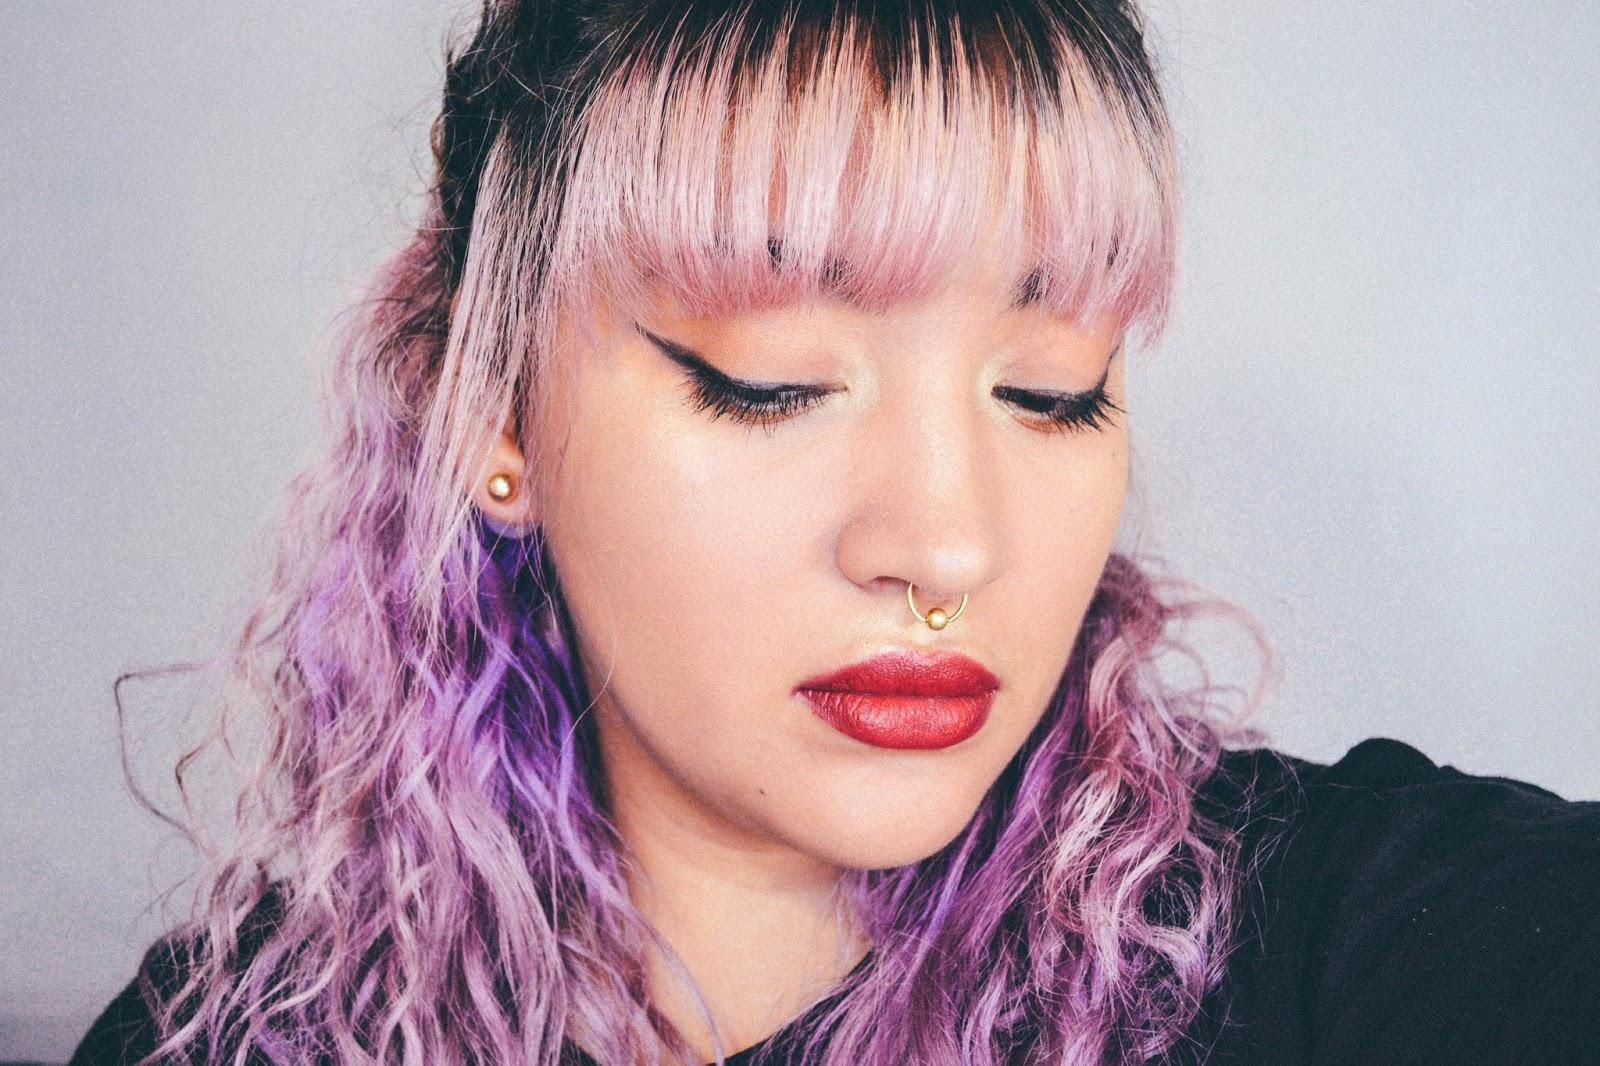 reto maquillaje sin pulgares